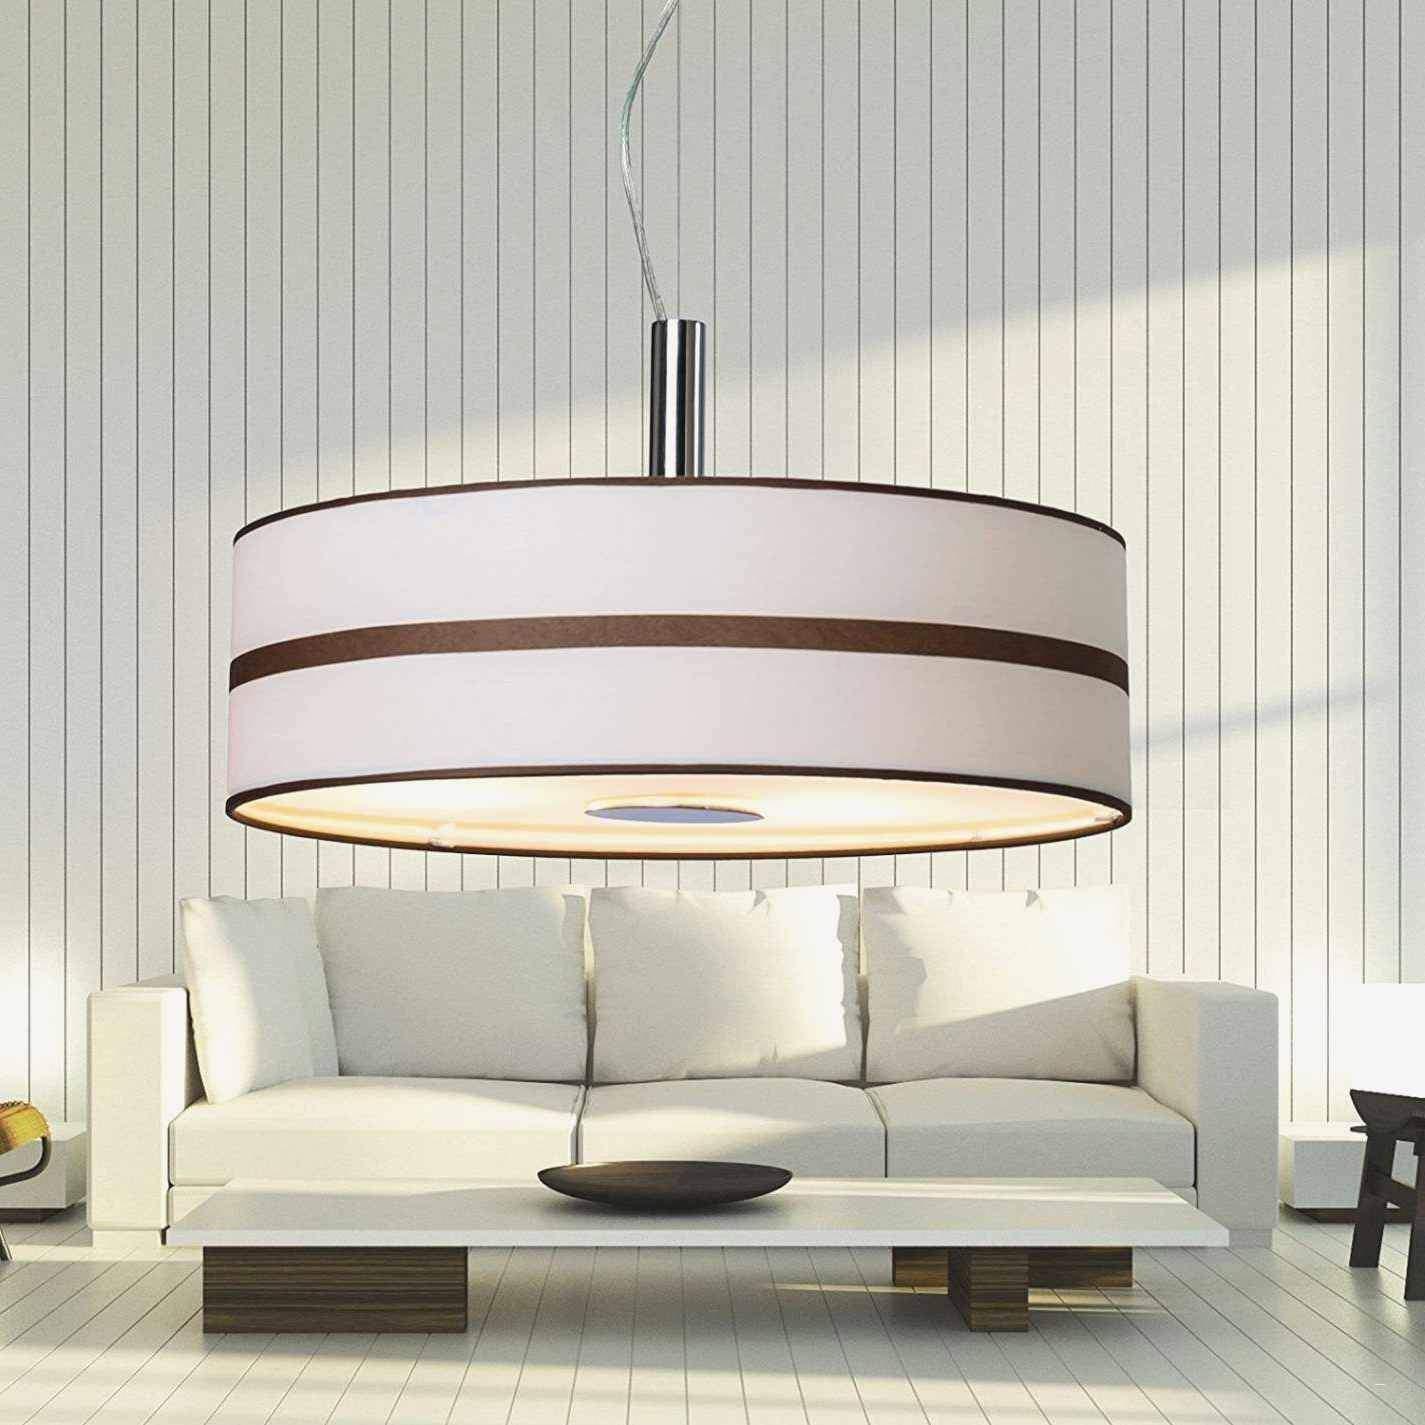 Full Size of Wohnzimmer Stehlampe Modern Stehlampen Lampe Teppich Decke Led Deckenleuchte Pendelleuchte Deckenstrahler Schrankwand Modernes Bett Moderne Duschen Bilder Wohnzimmer Wohnzimmer Stehlampe Modern